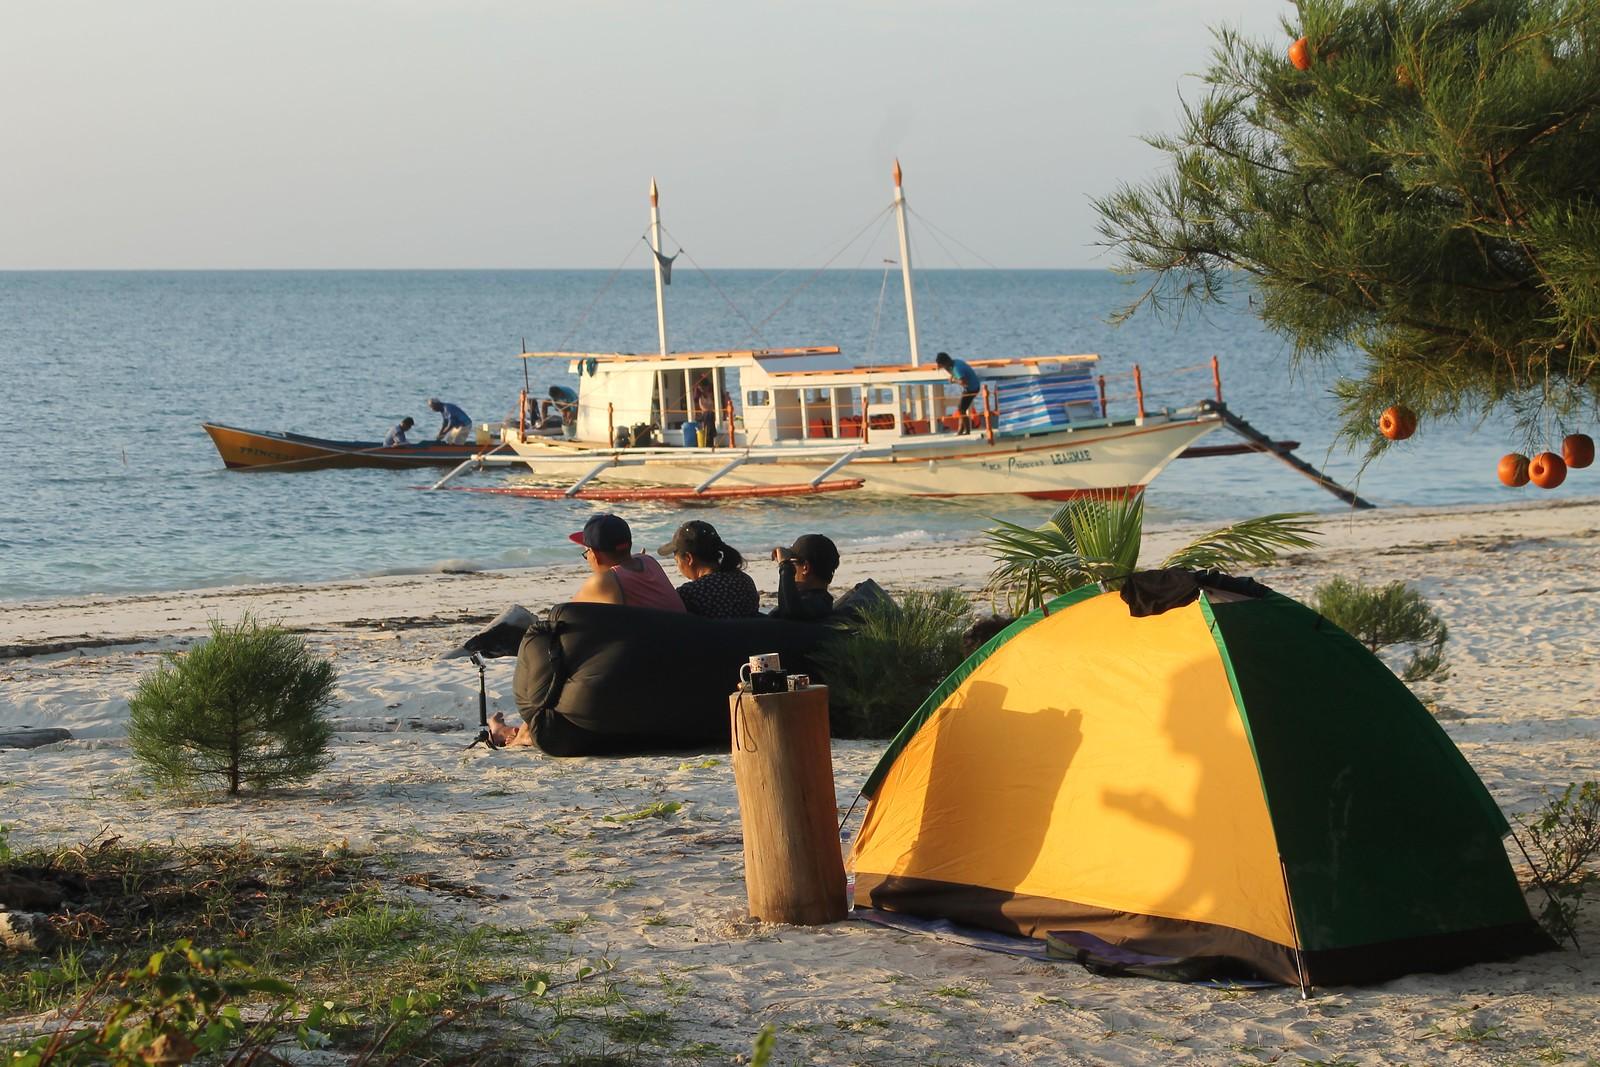 Camping at Punta Sebaring (Bugsuk Island)